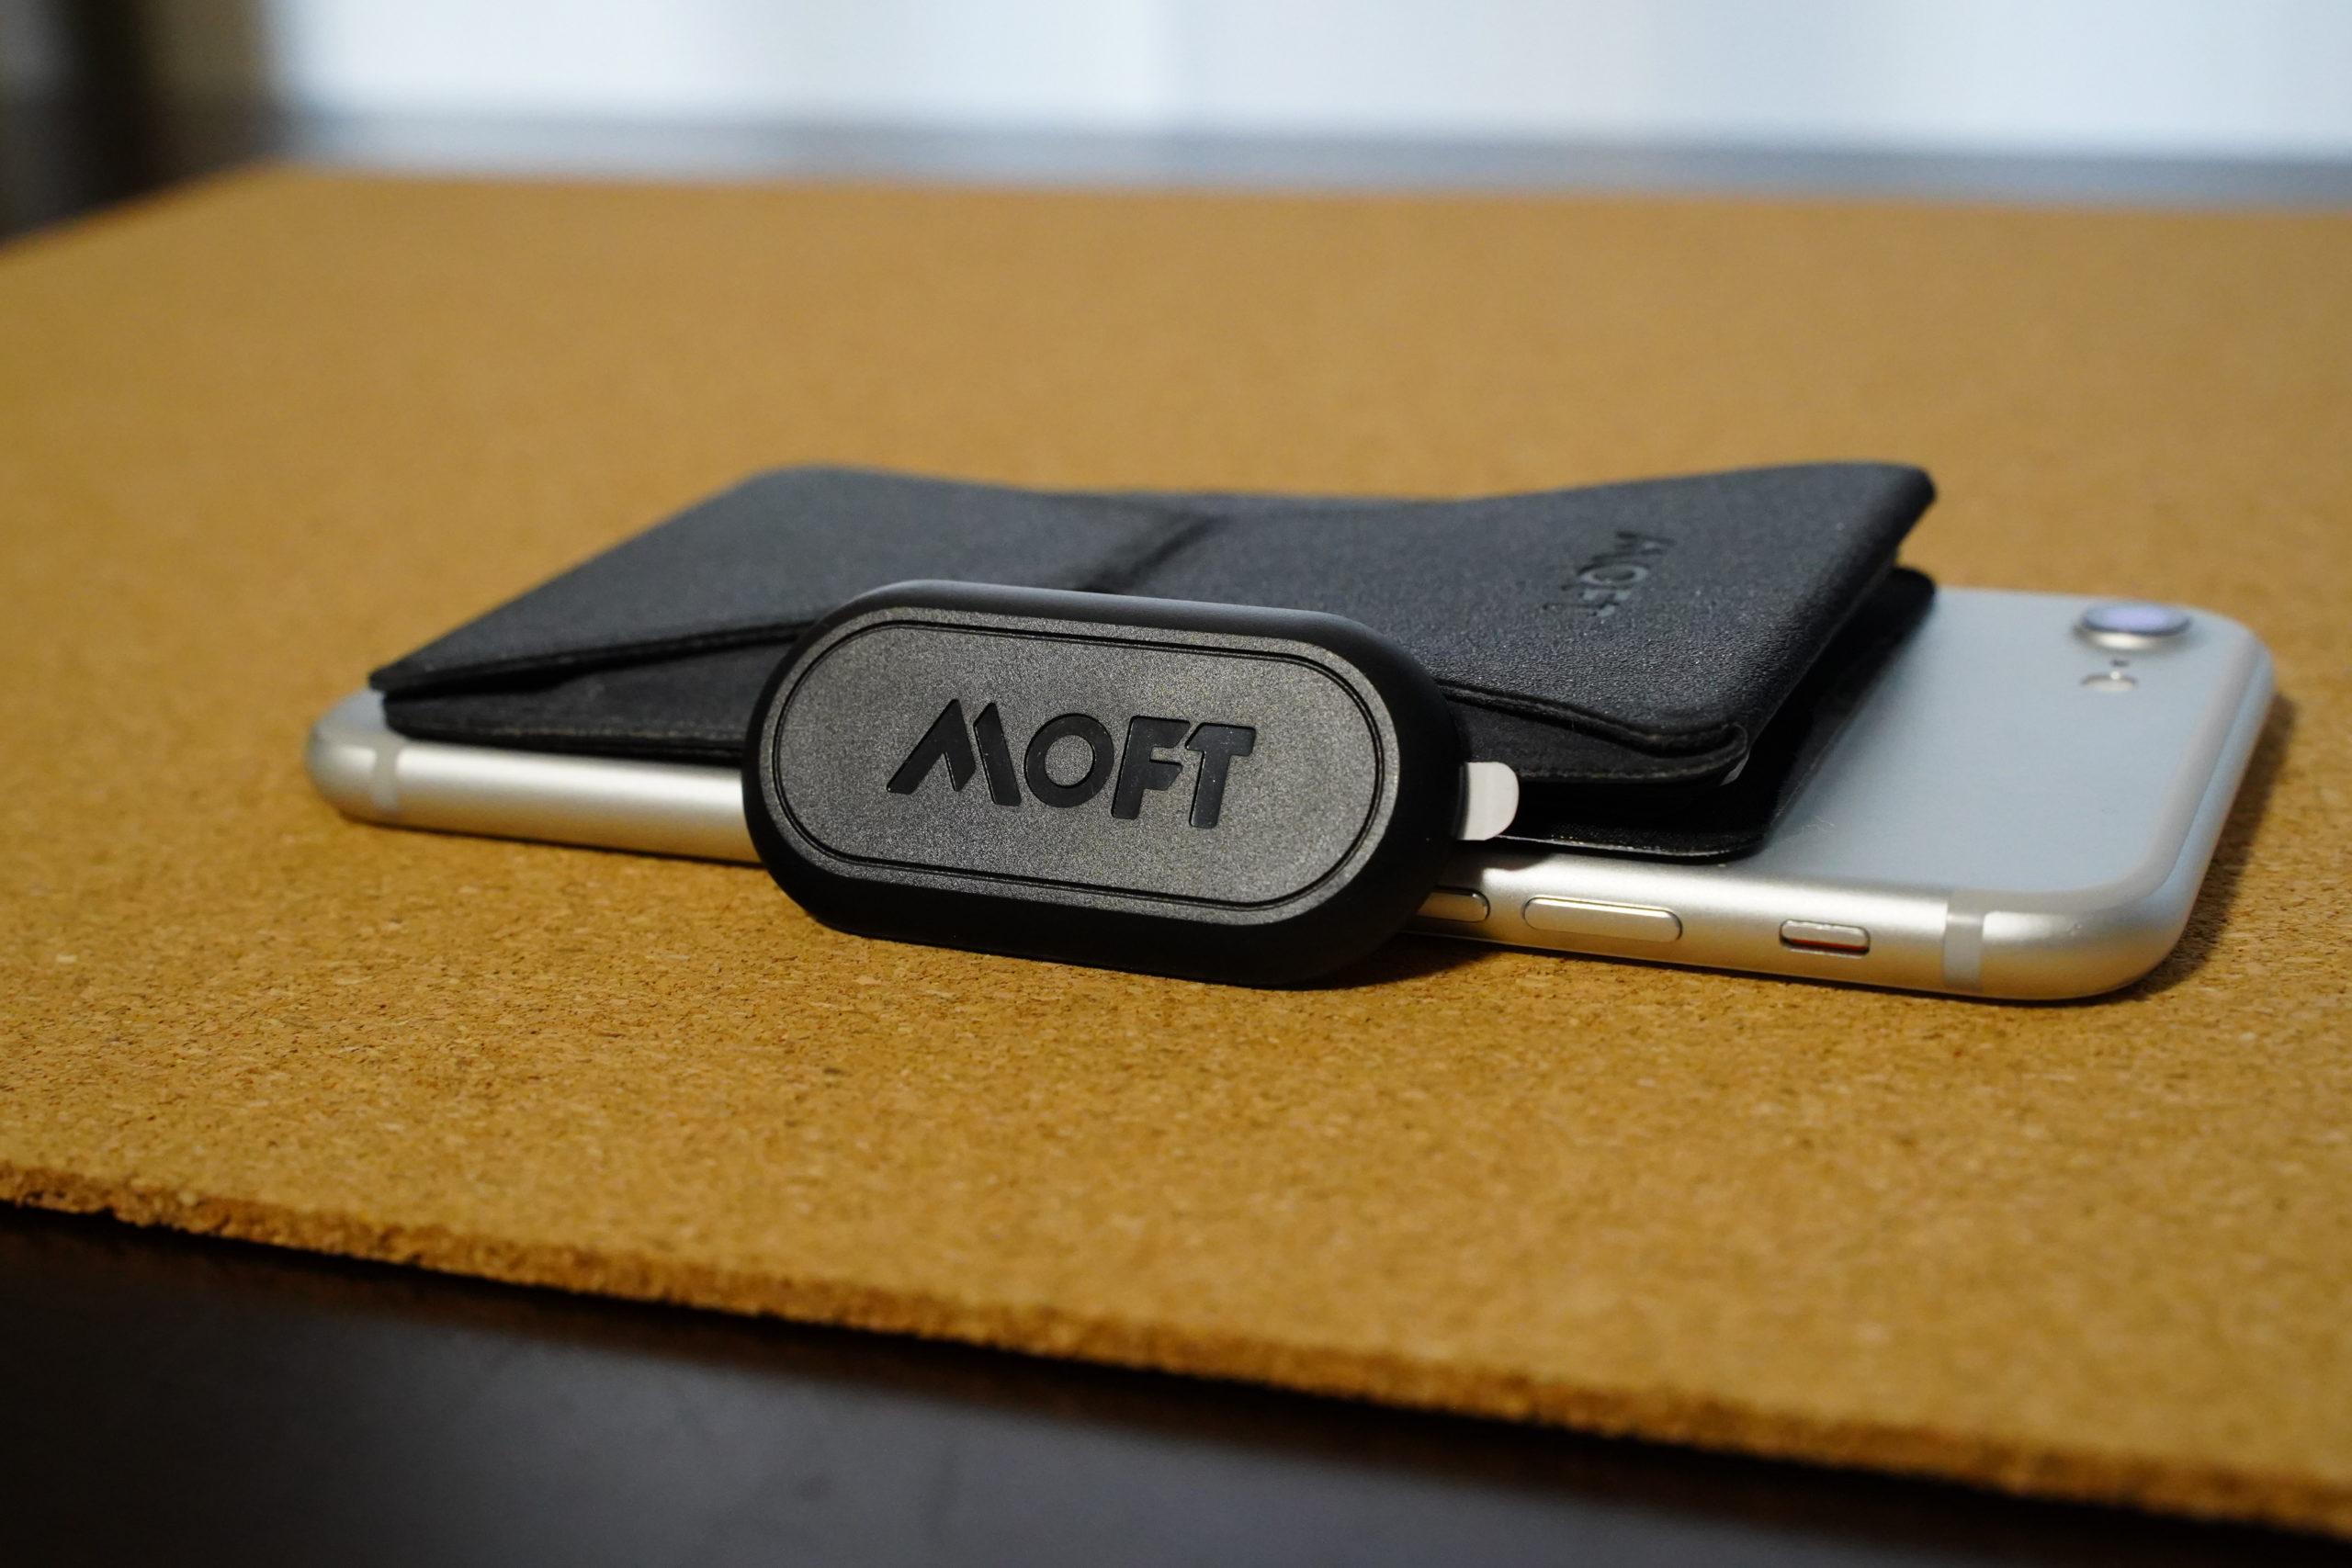 MOFTXの磁石